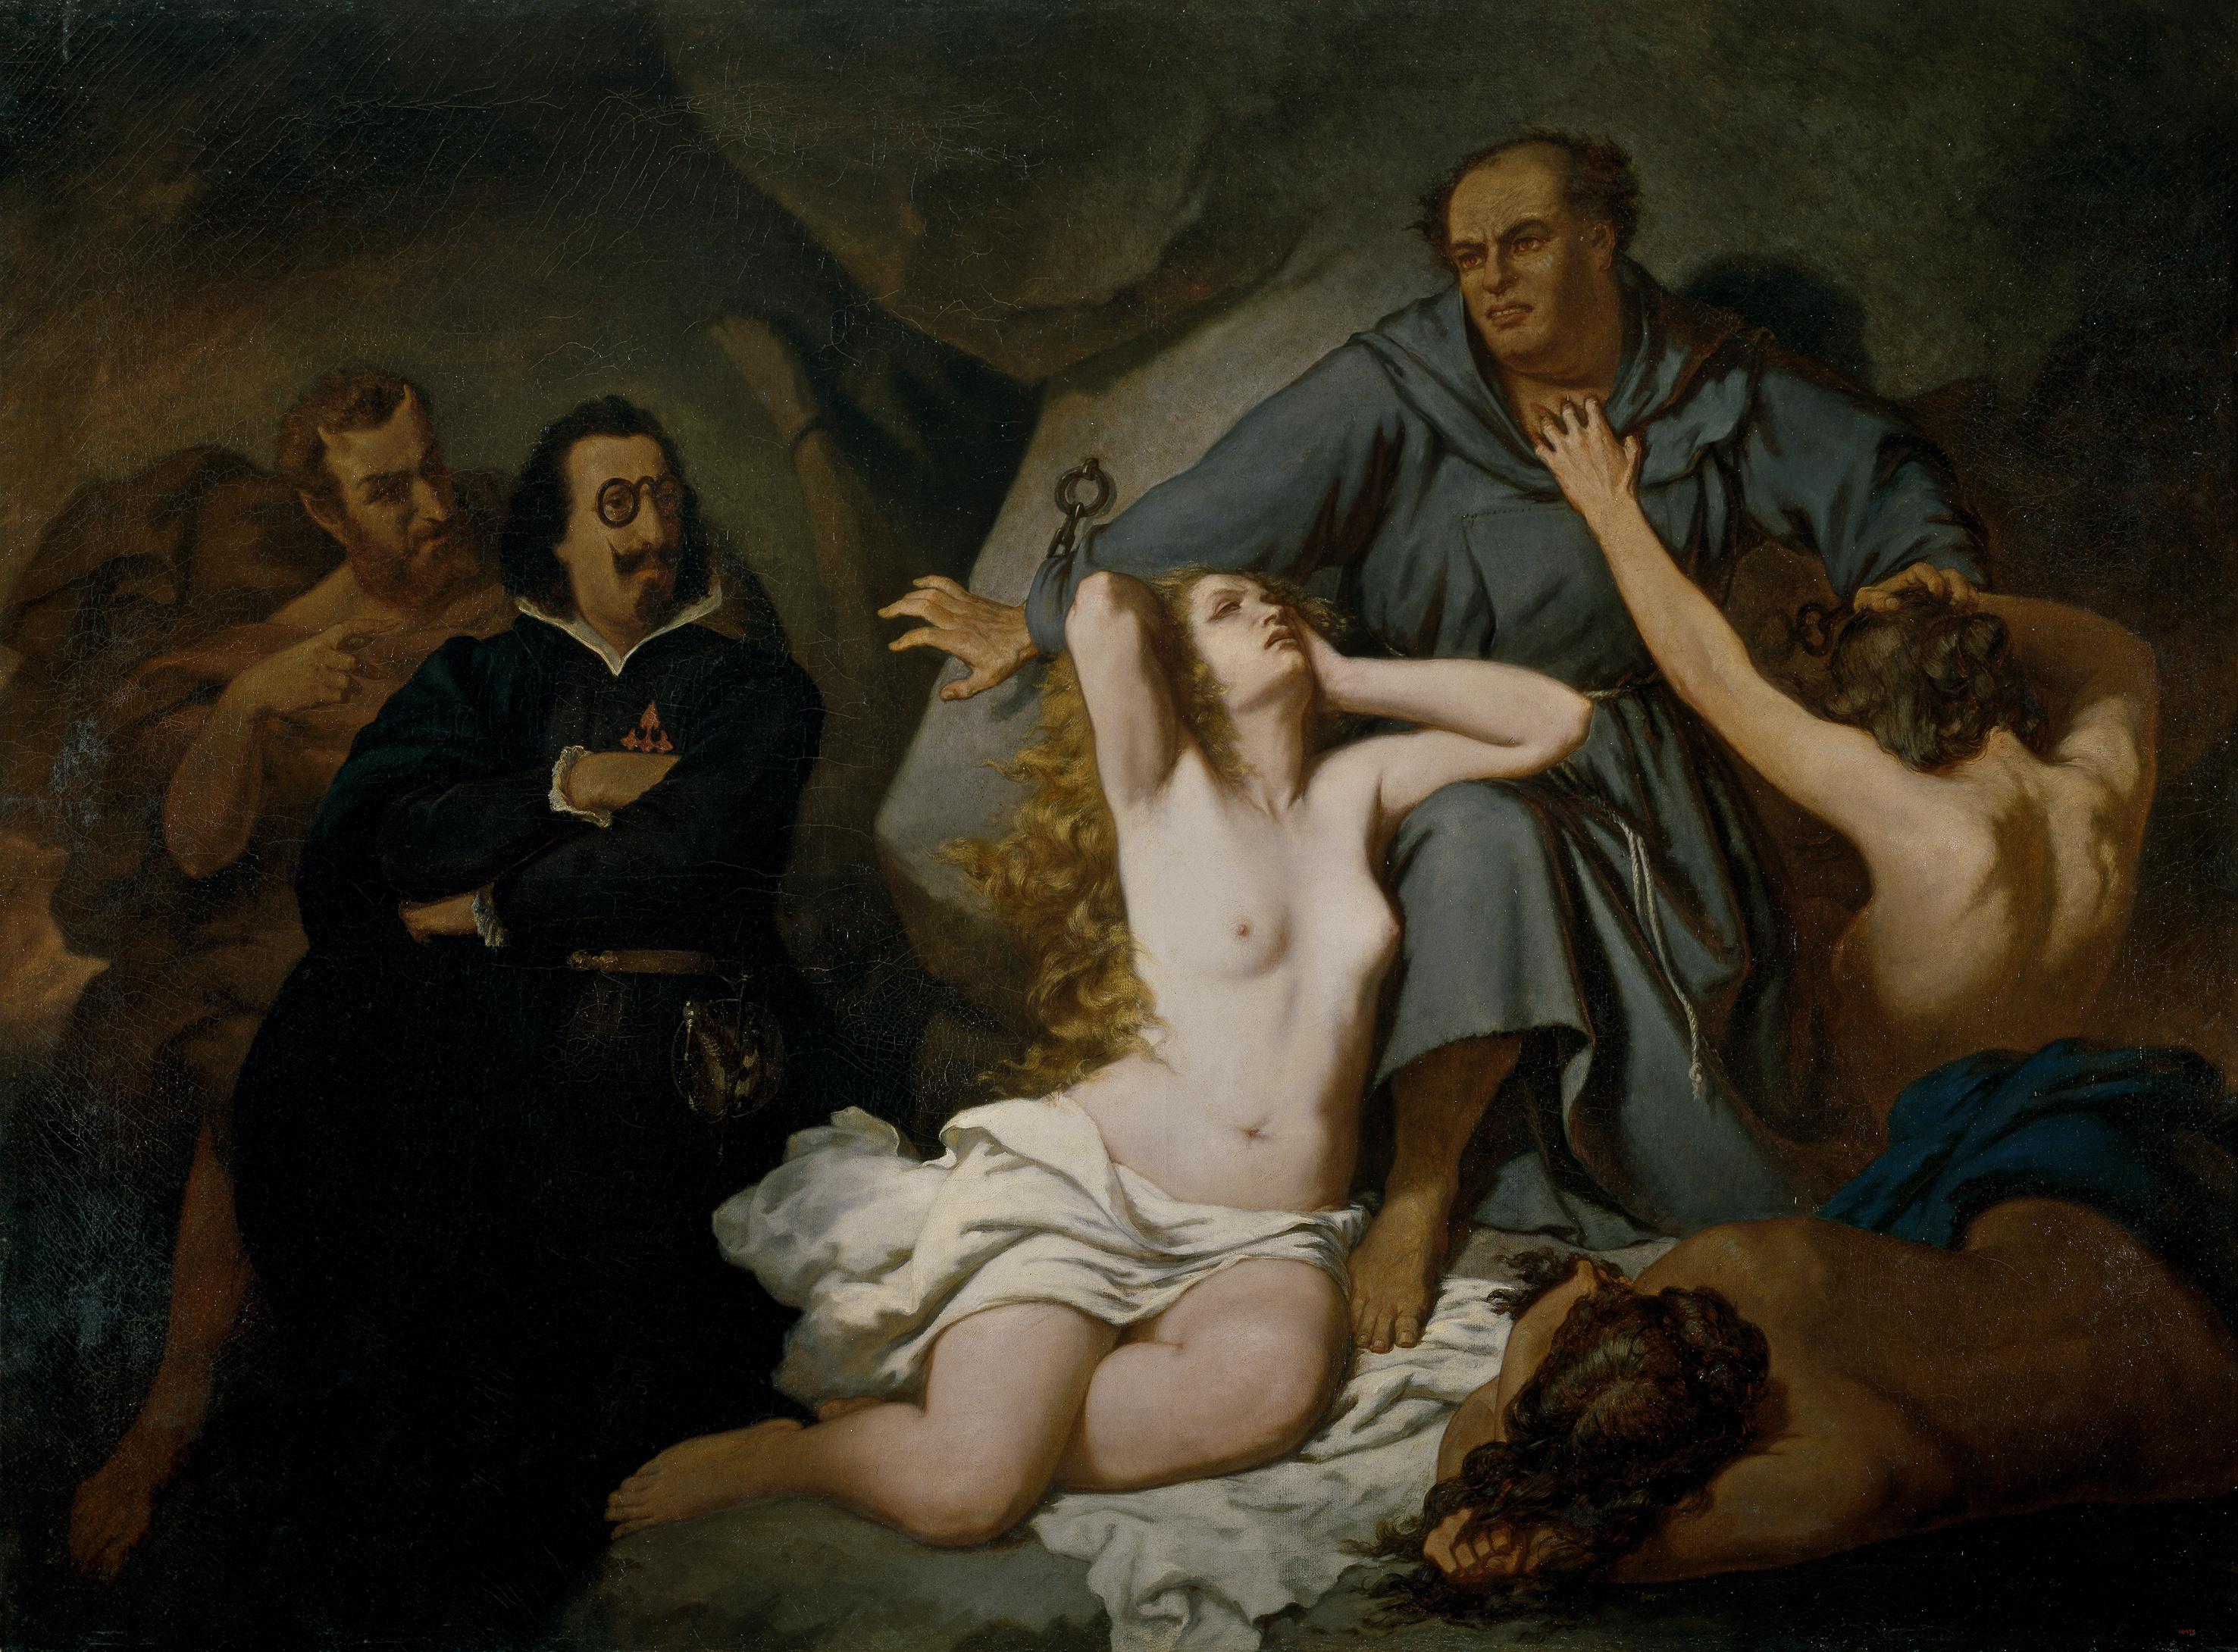 Lutero: asunto tomado de El sueño del Infierno de Quevedo (1858), óleo de Francisco Sans Cabot